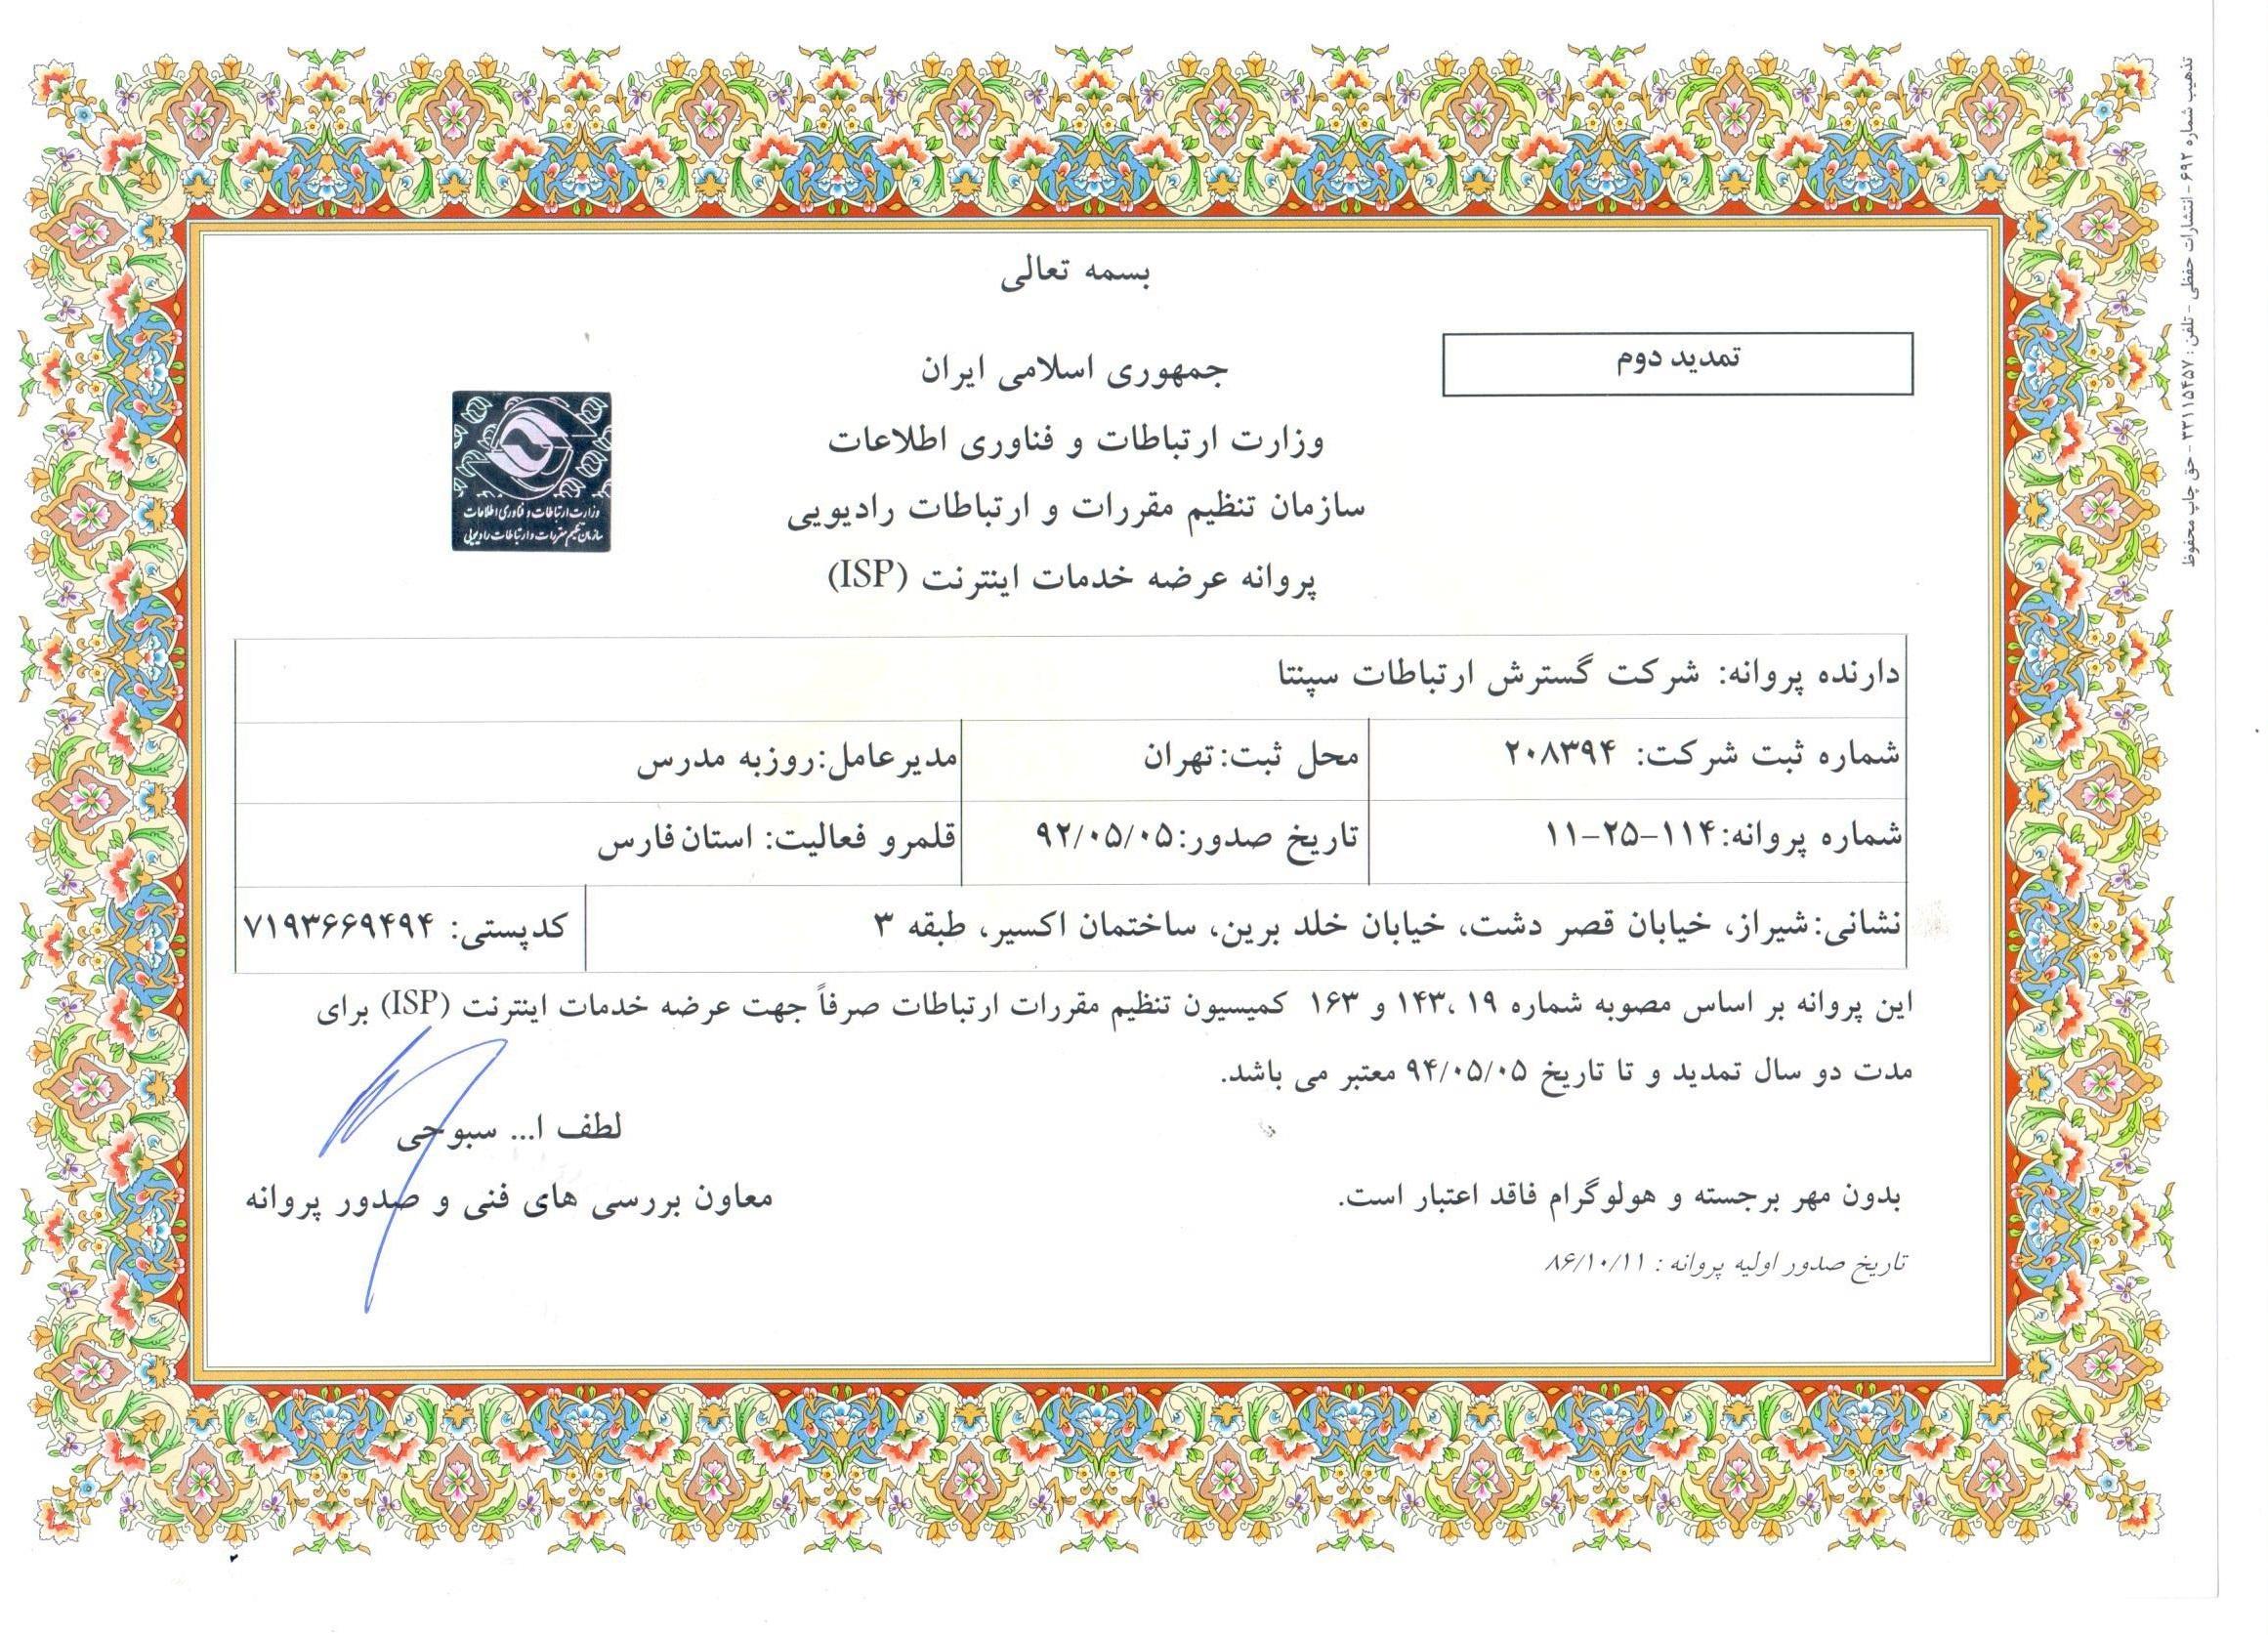 پروانه ISP در استان فارس